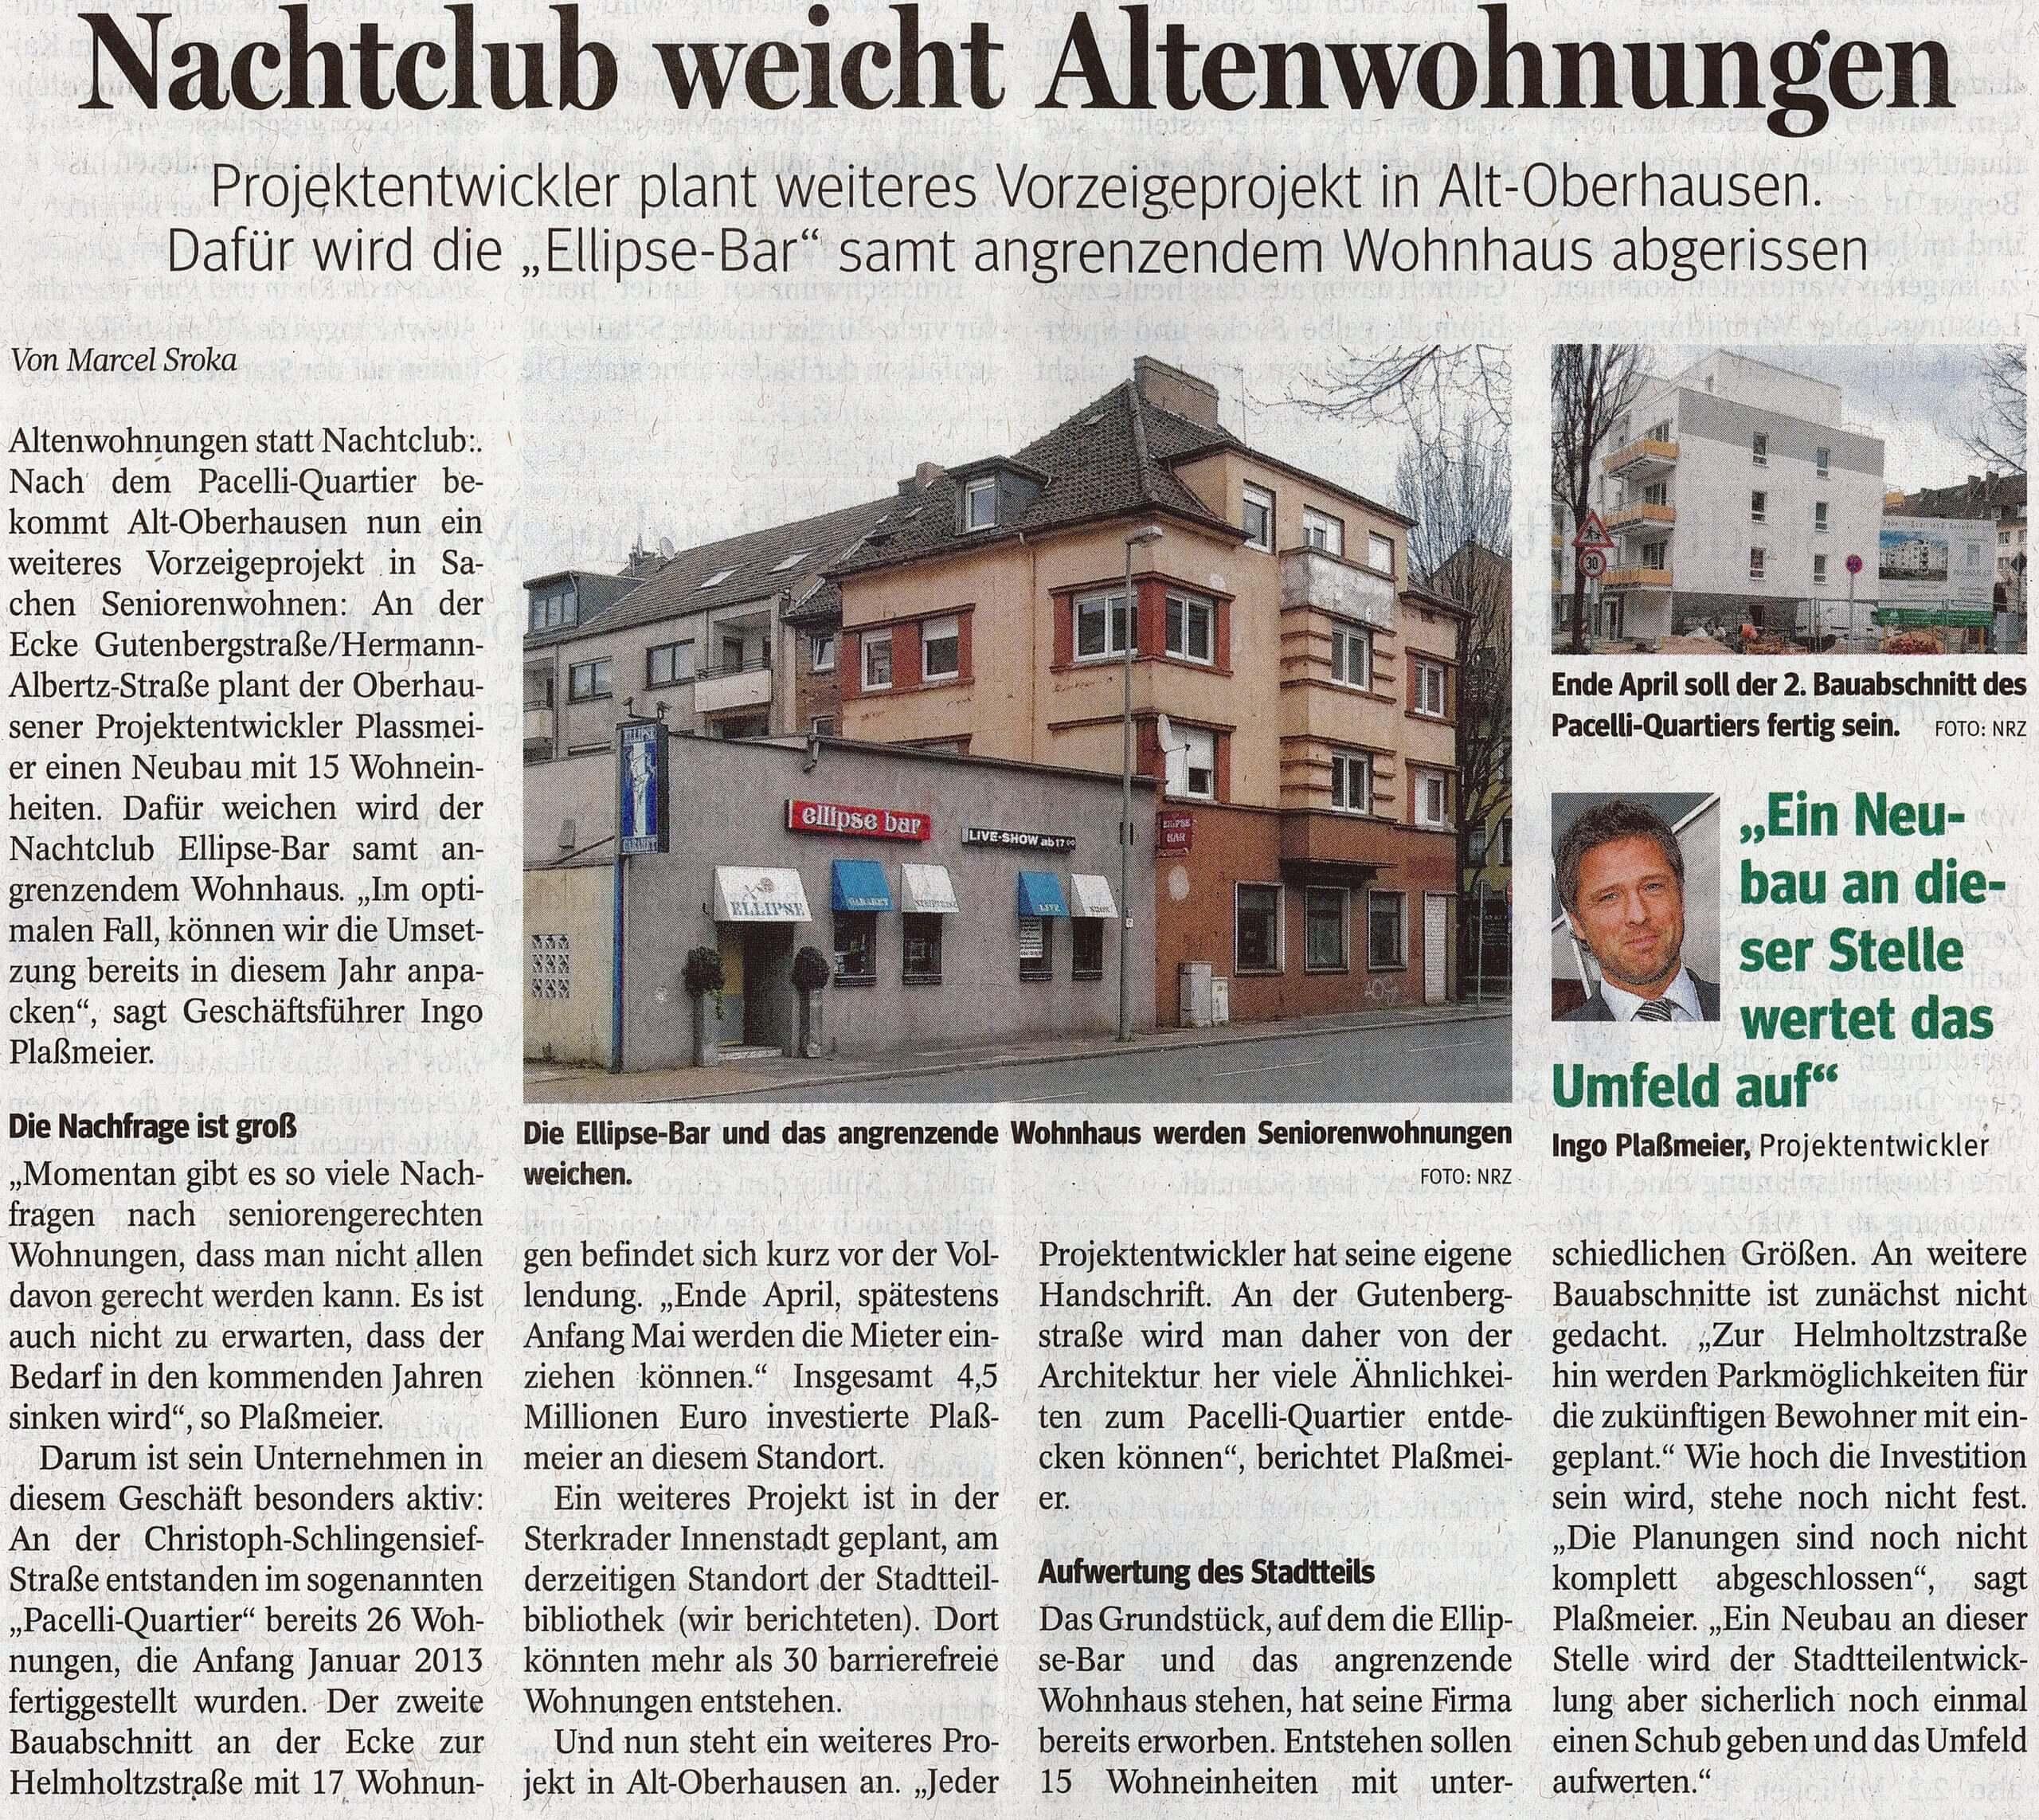 NRZ – Nachtclub weicht Altenwohnungen